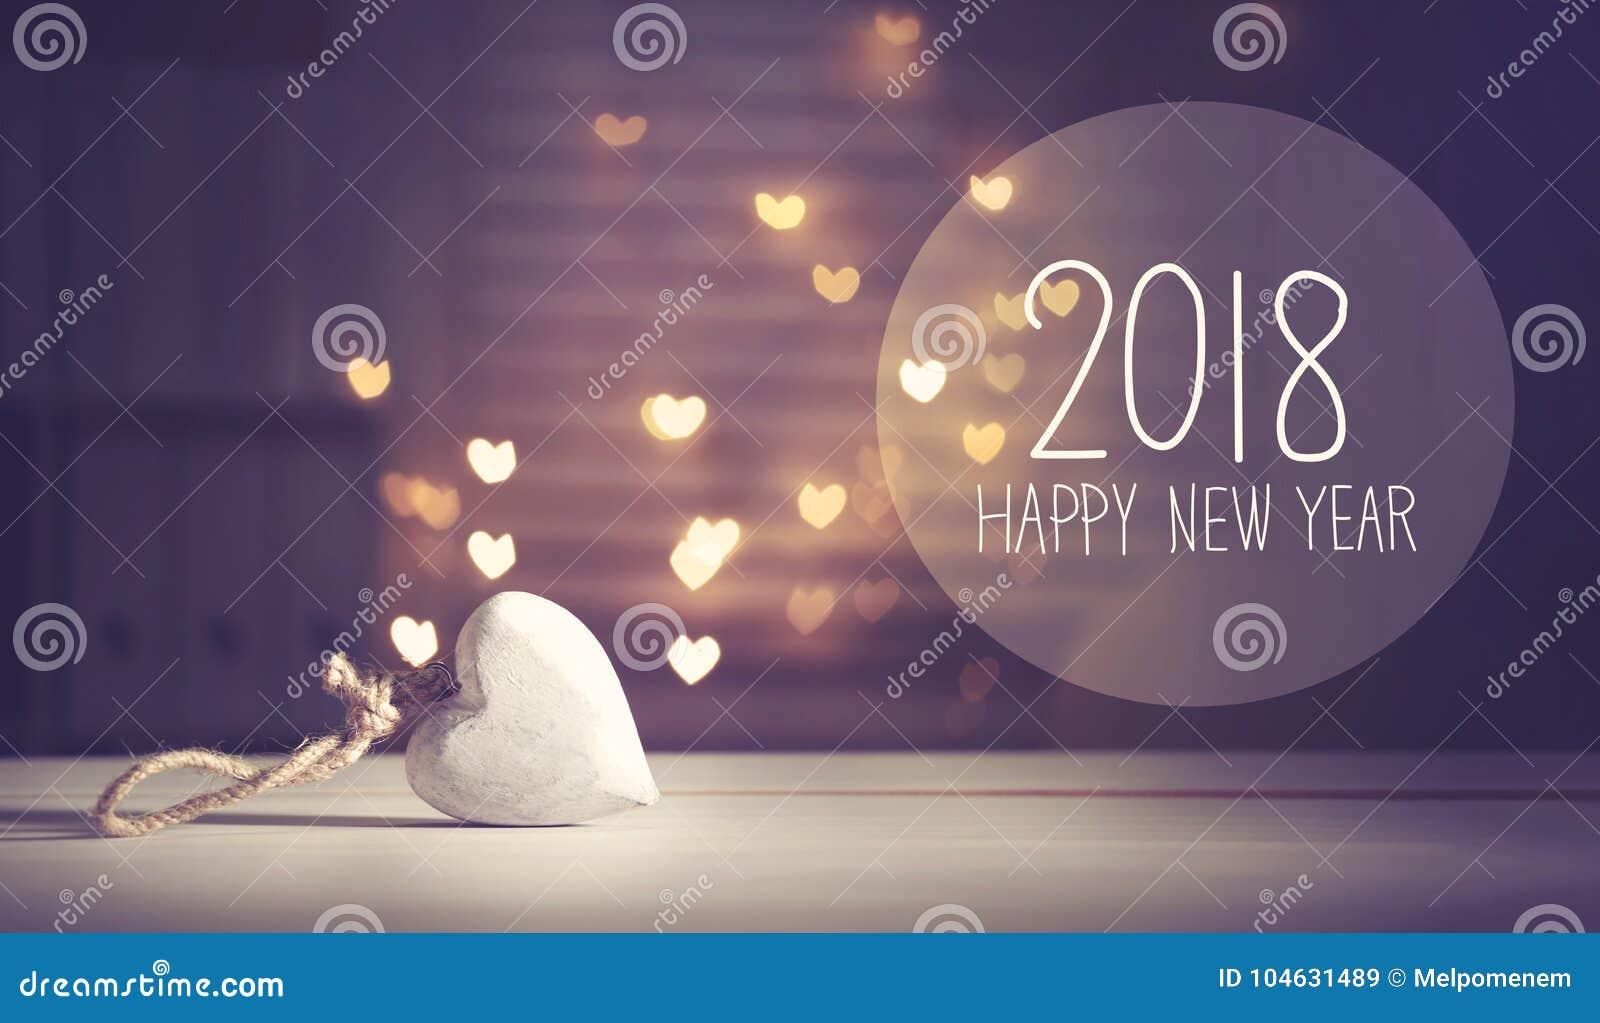 Download Nieuwjaar 2018 Bericht Met Een Wit Hart Stock Afbeelding - Afbeelding bestaande uit kaart, binnen: 104631489